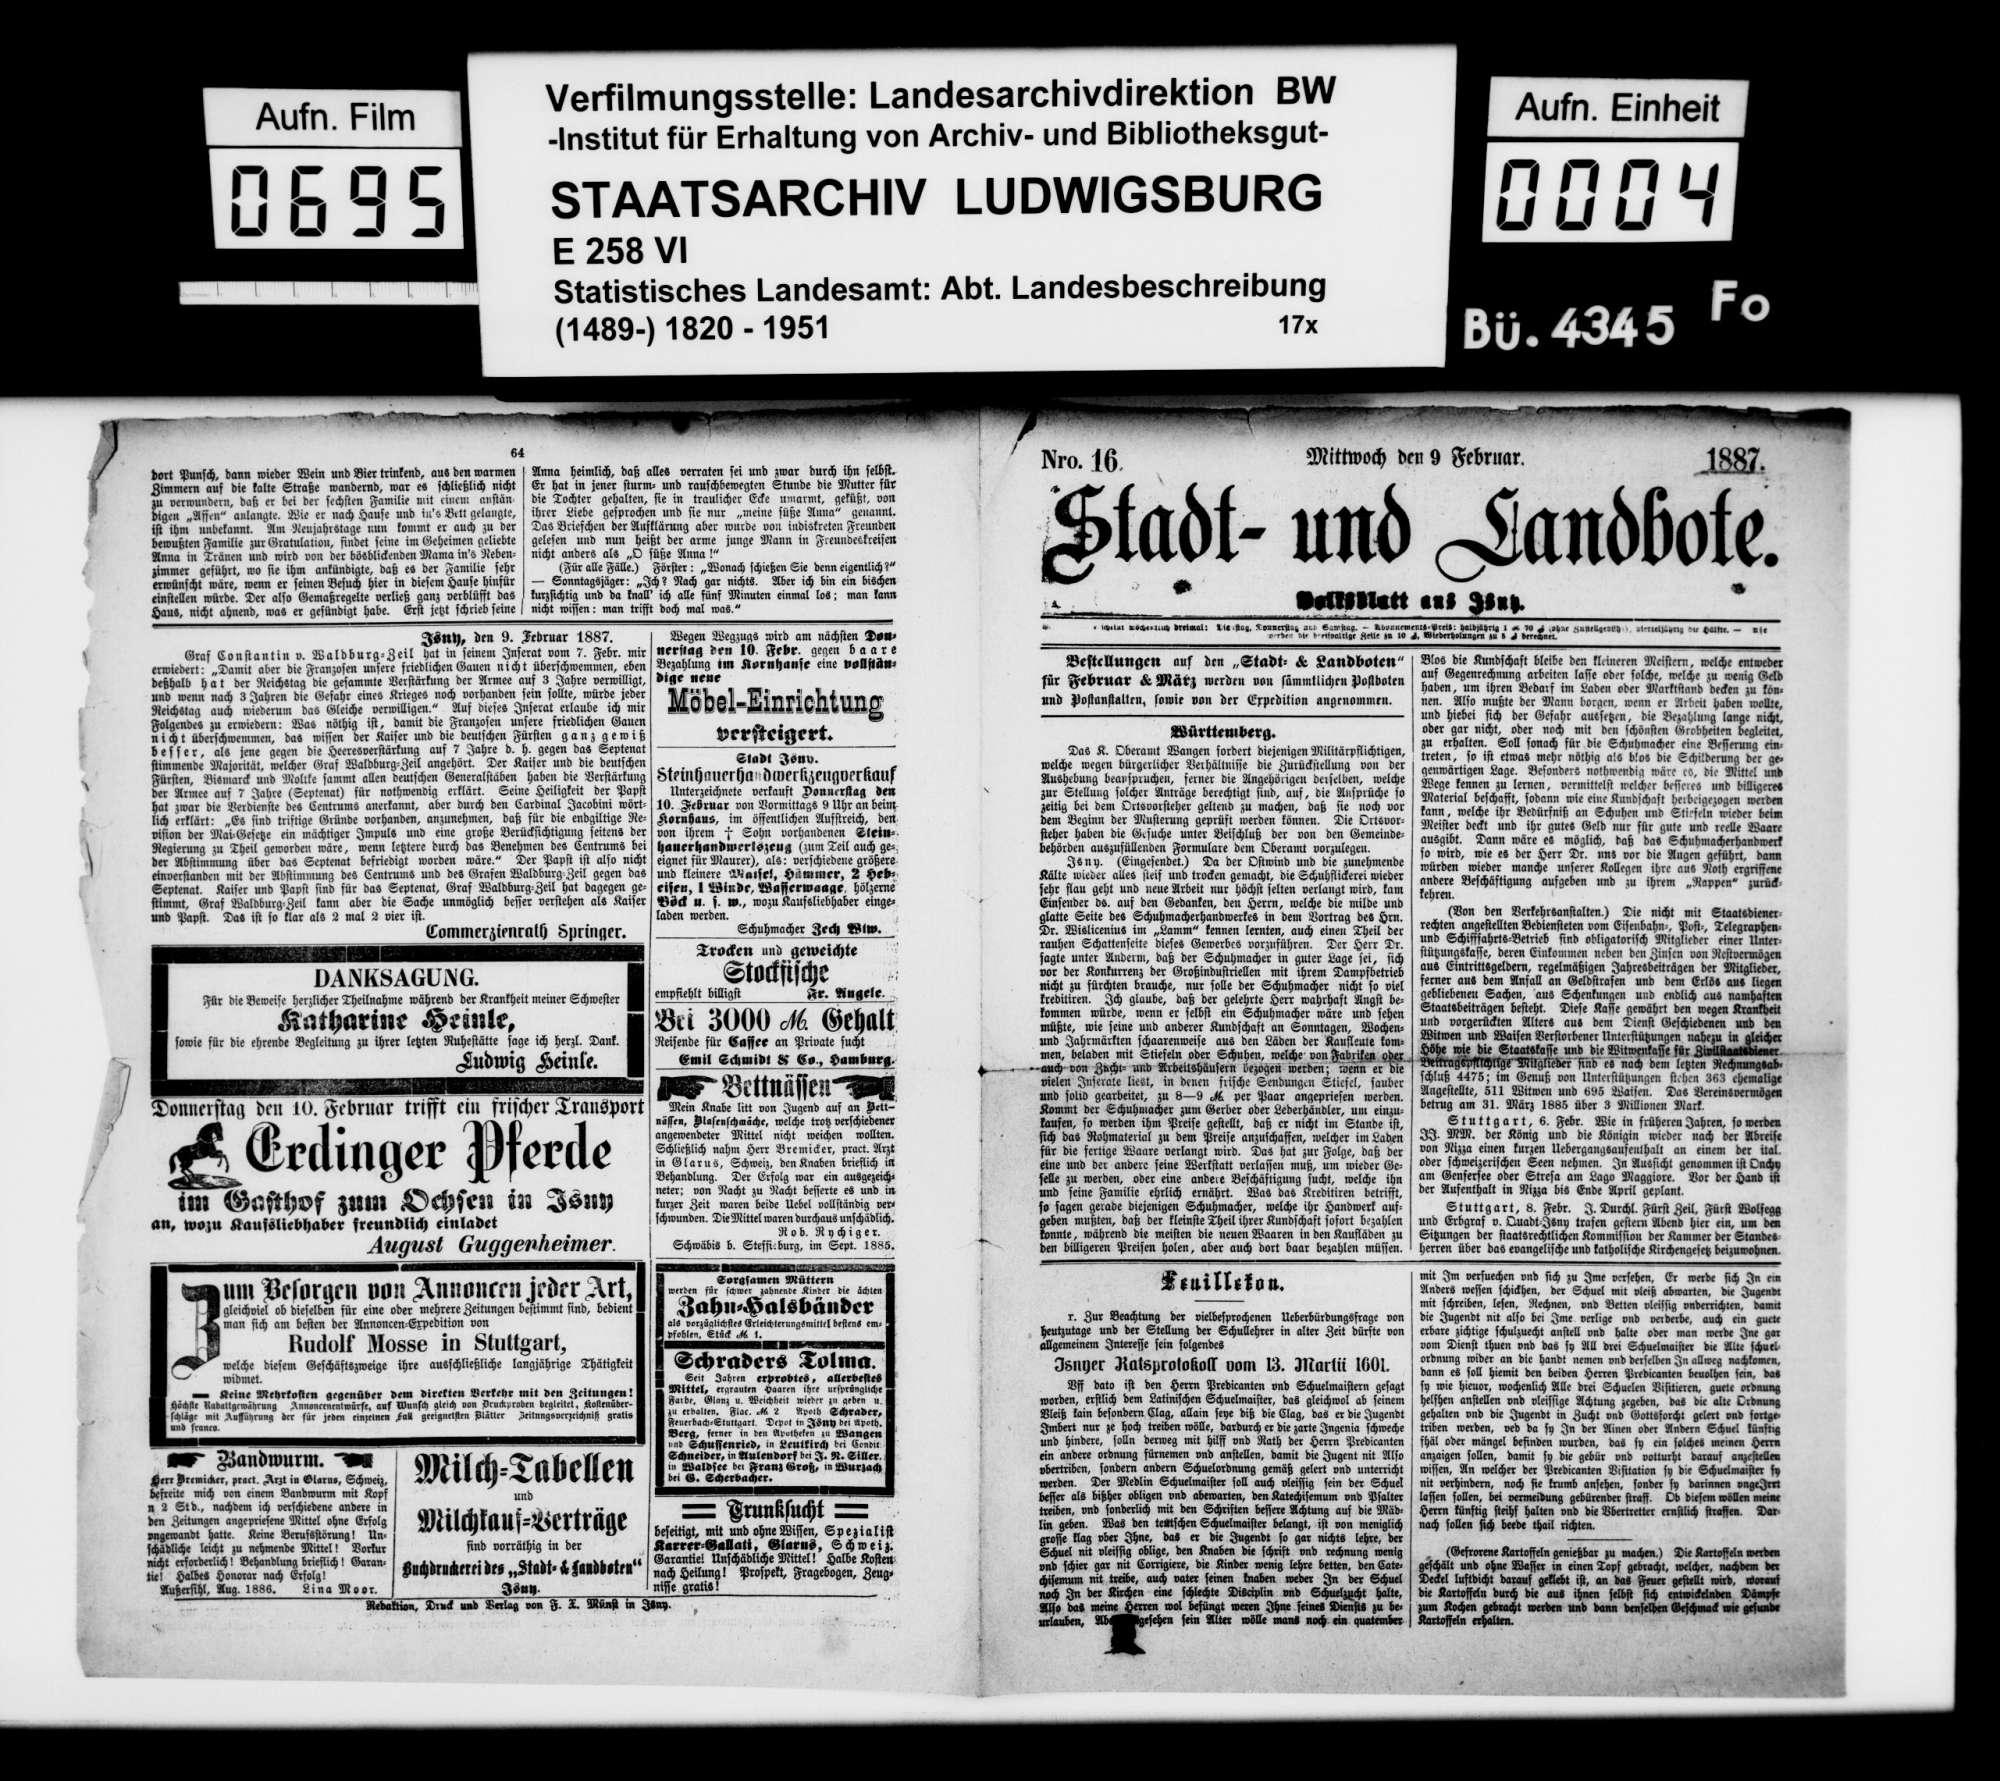 Sammlung gedruckten Materials zu einer Neubearbeitung der OAB, Bild 3